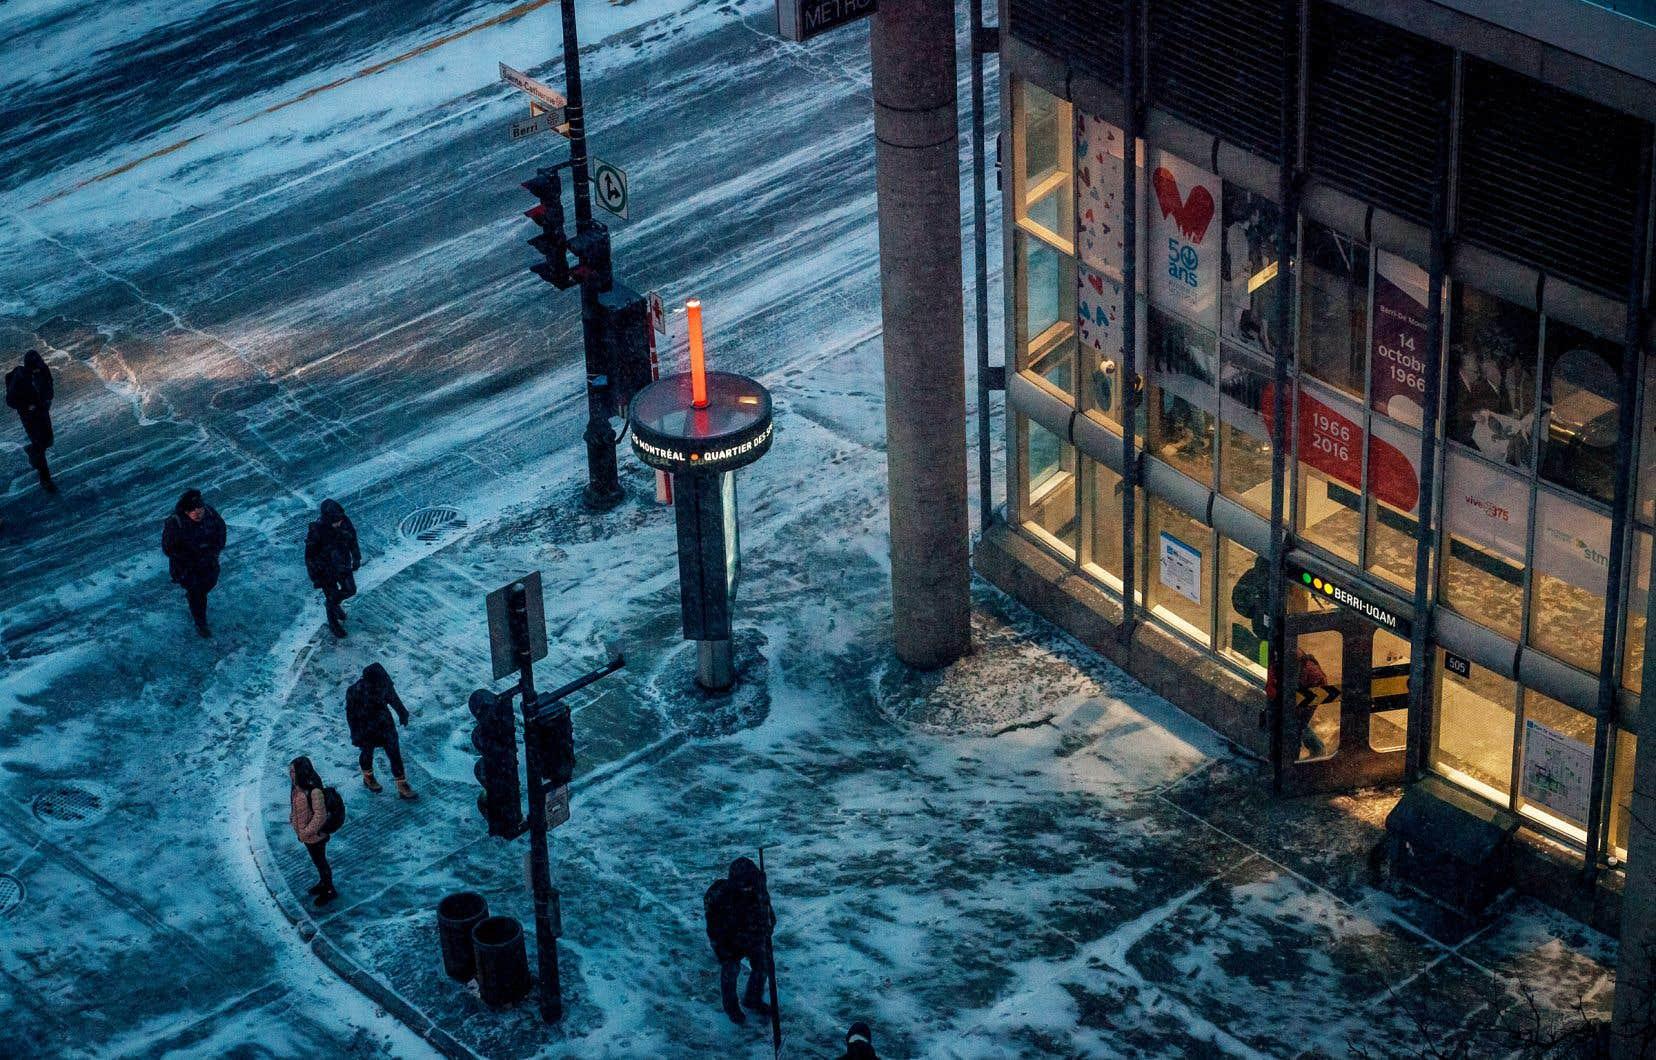 Beaucoup espèrent que les municipalités rebondiront sur les idées d'aménagements mis en place pour les piétons cet été et en proposeront de nouveaux, adaptés au froid, cet hiver.